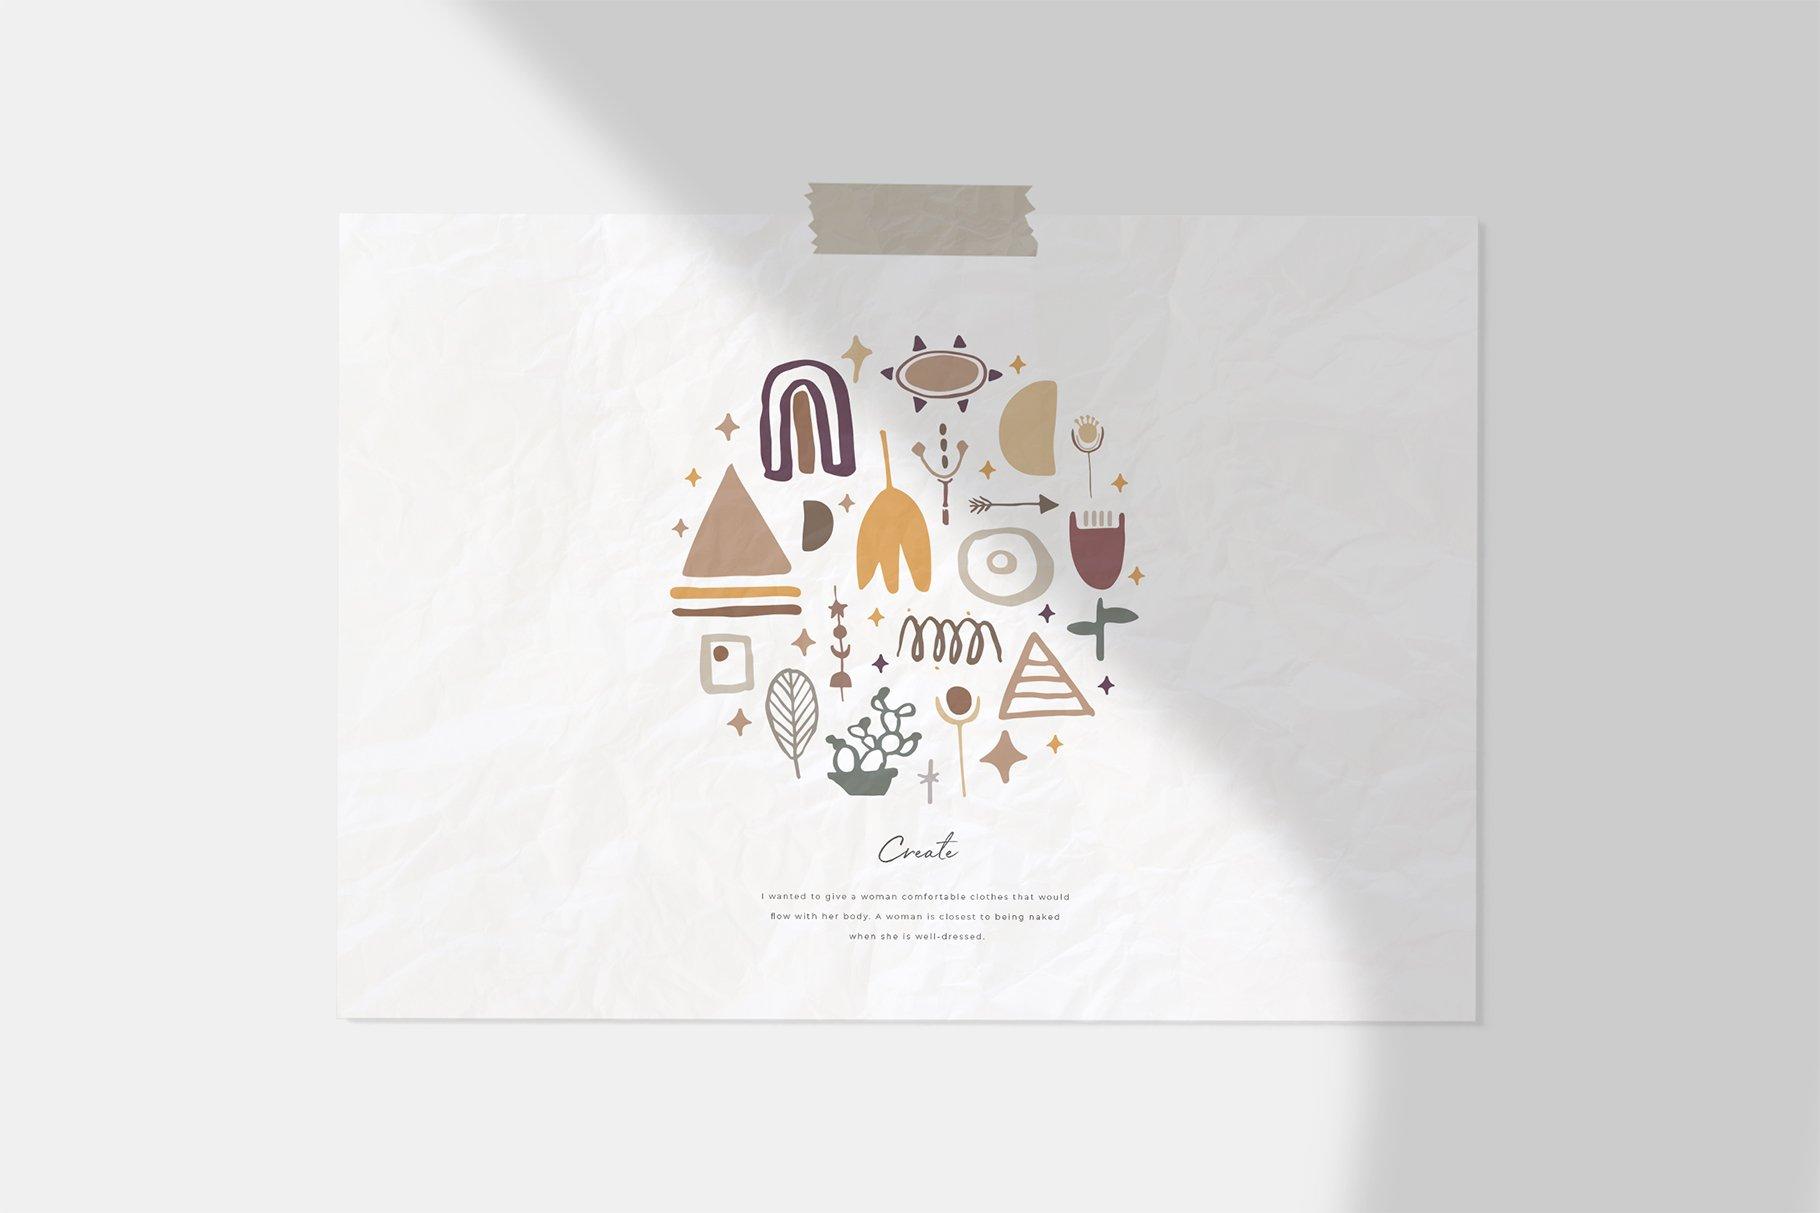 400多个波西米亚元素装饰图案背景AI图片素材 Boho Philosophy Collection插图(1)